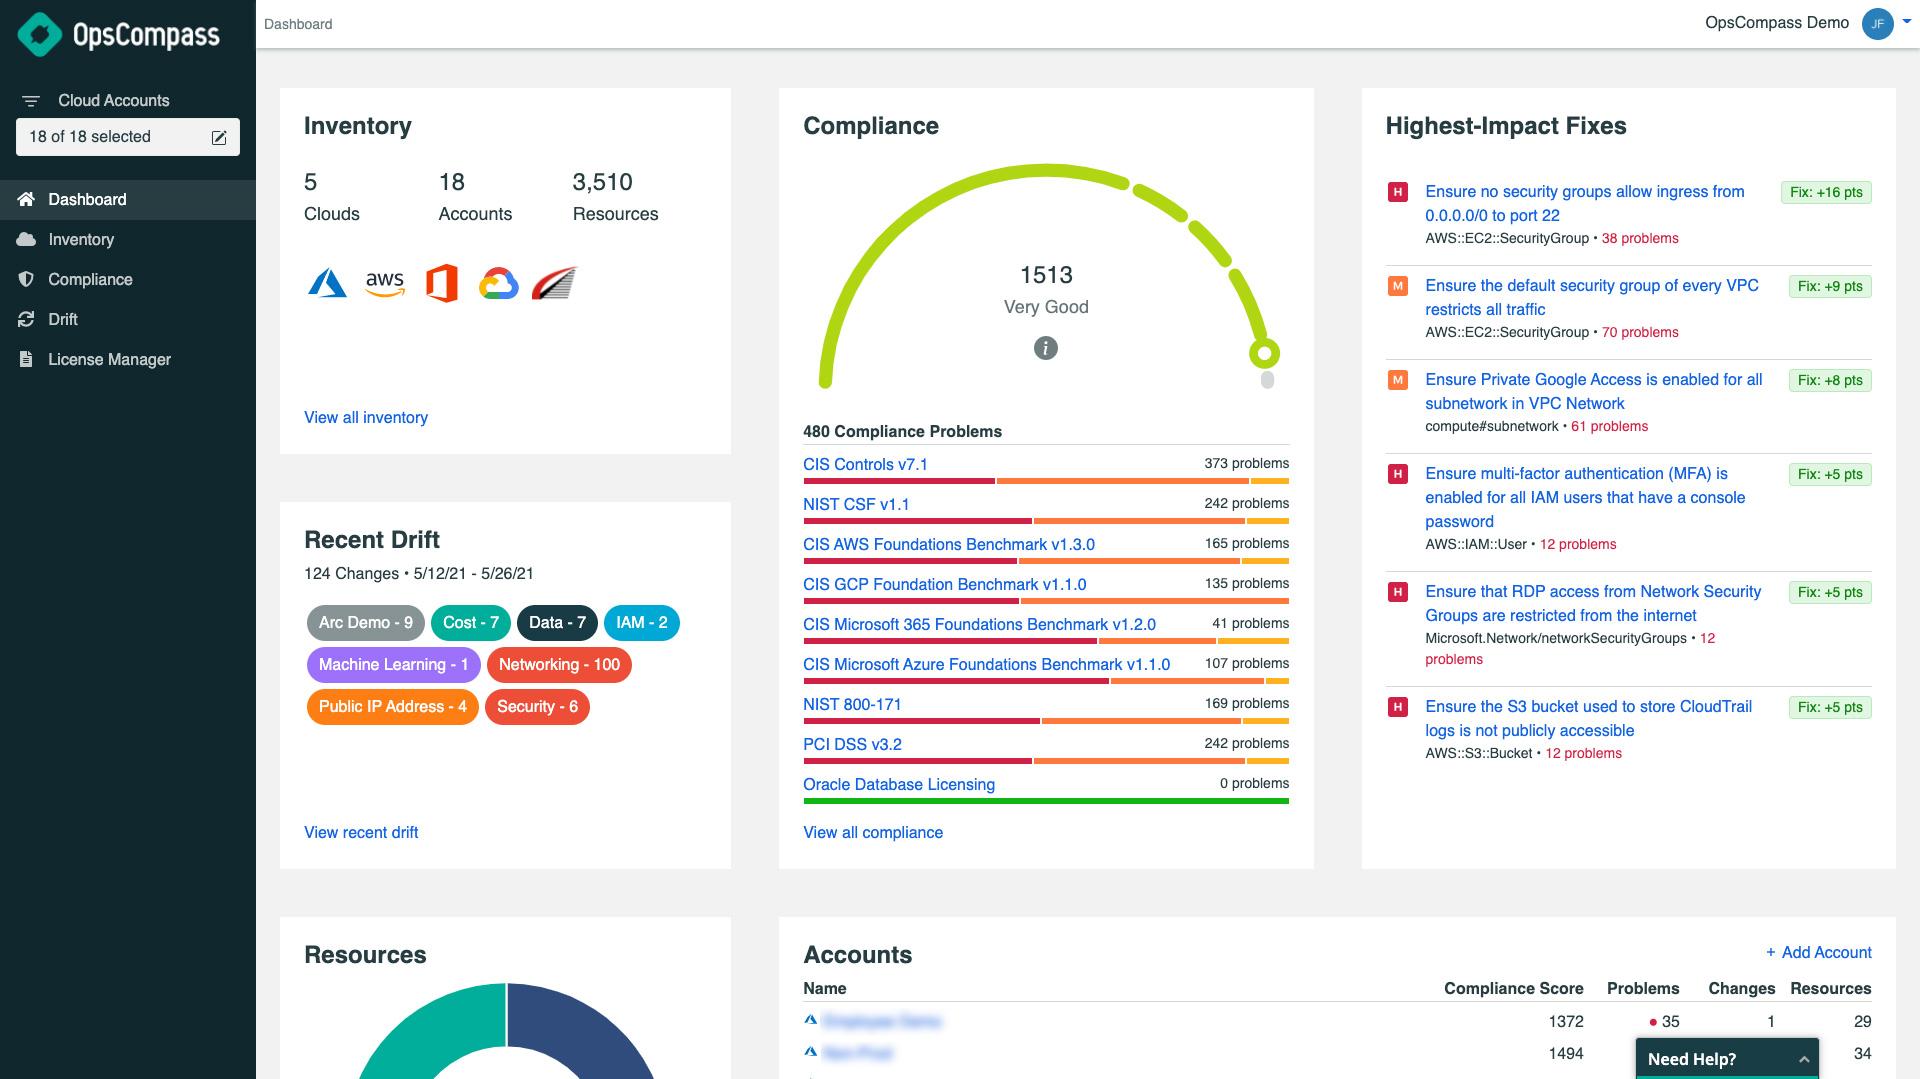 OpsCompass Dashboard